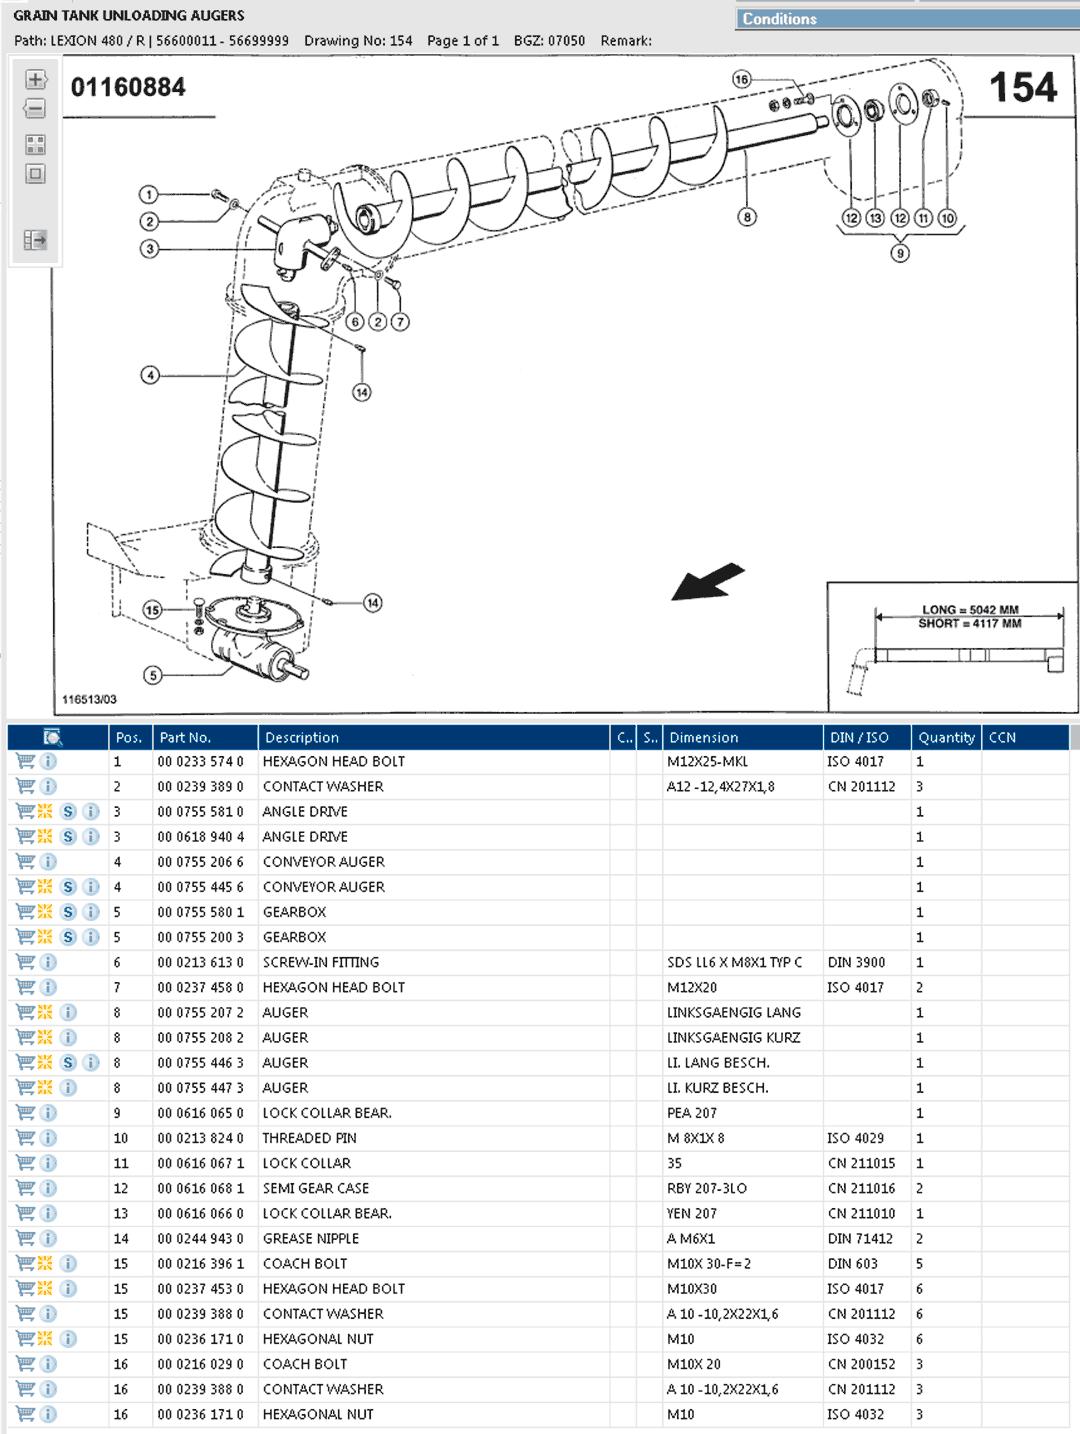 Lexion 480R parts and scheme - Grain tank unloading auger